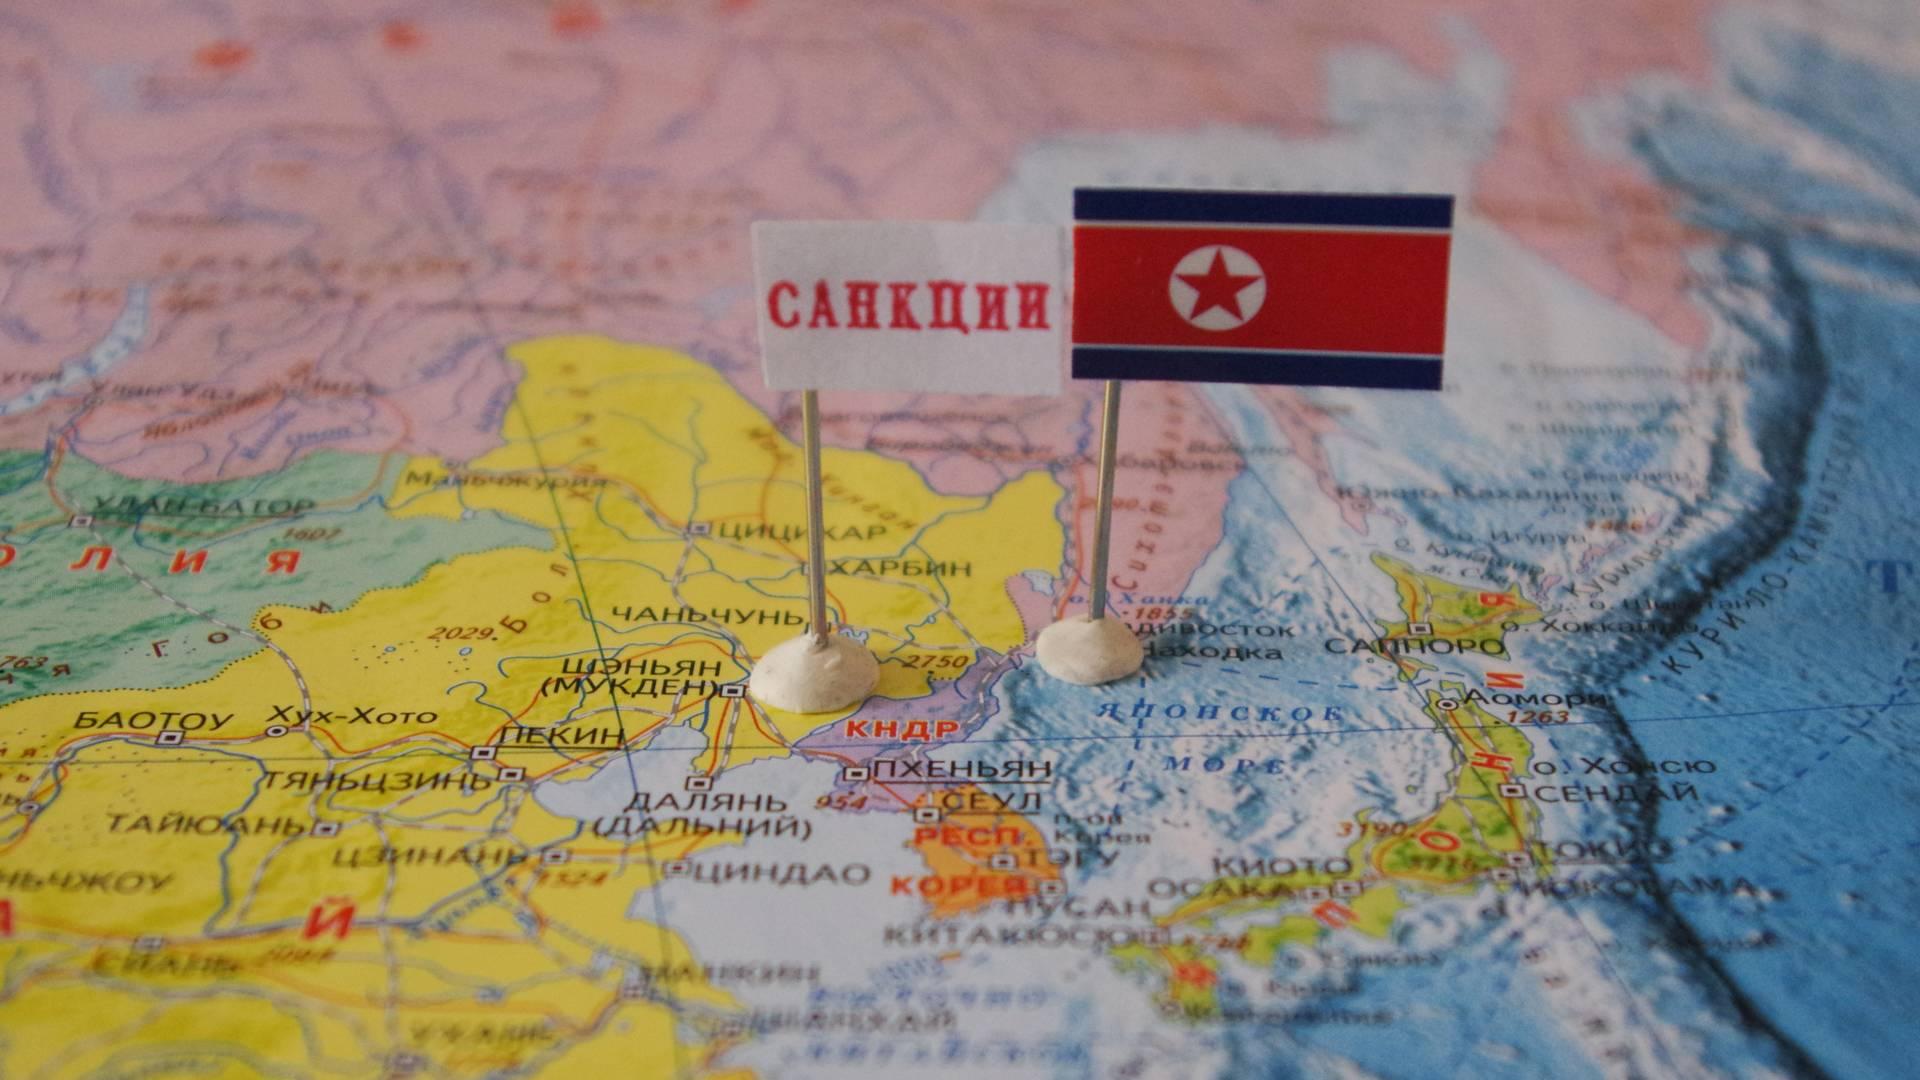 КНР запретил экспортировать вКНДР материалы для оружия массового поражения